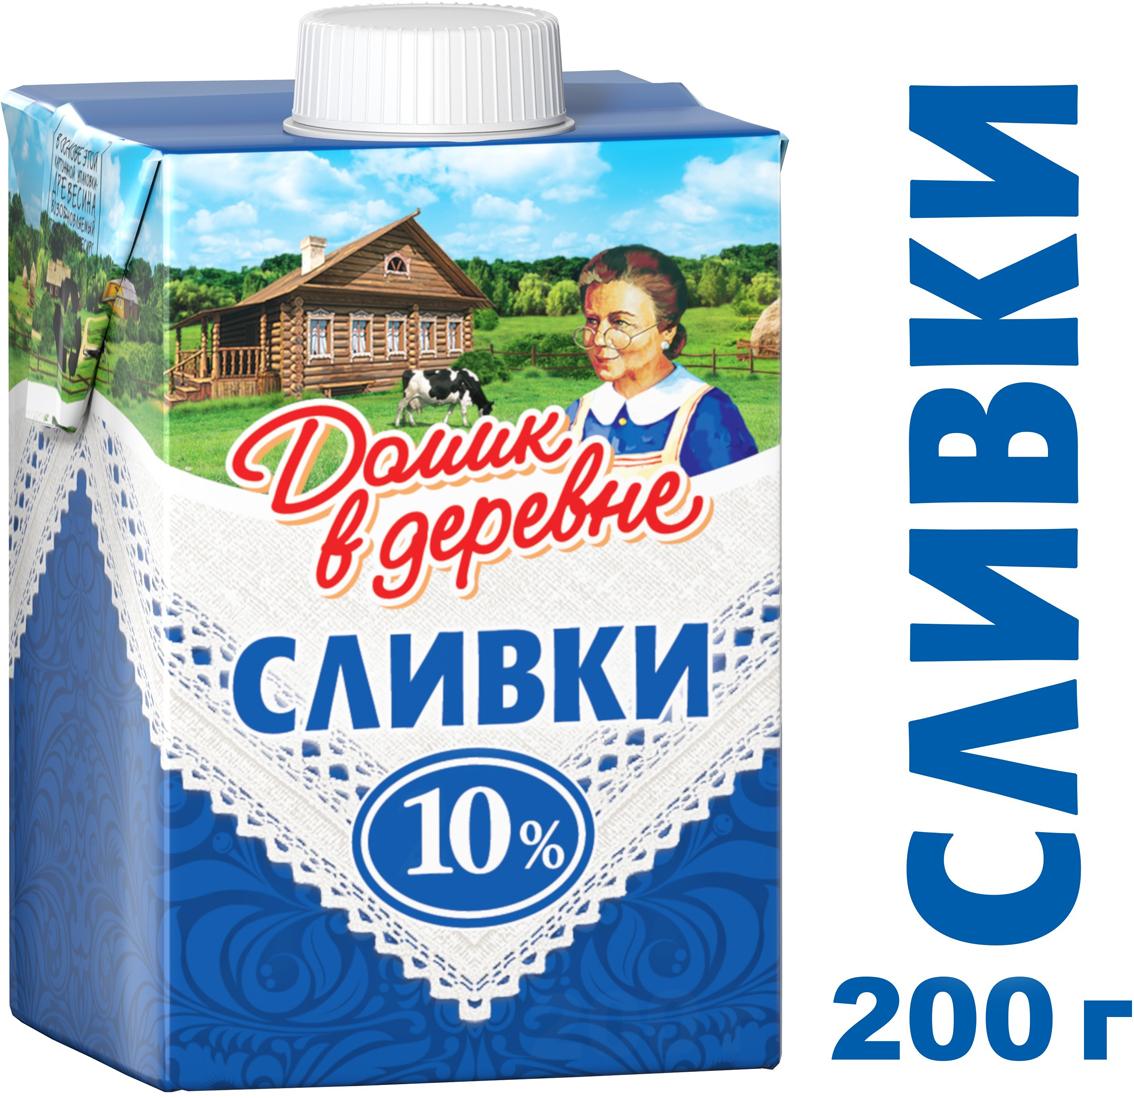 Сливки стерилизованные 10% Домик в деревне, 200 г молочные продукты